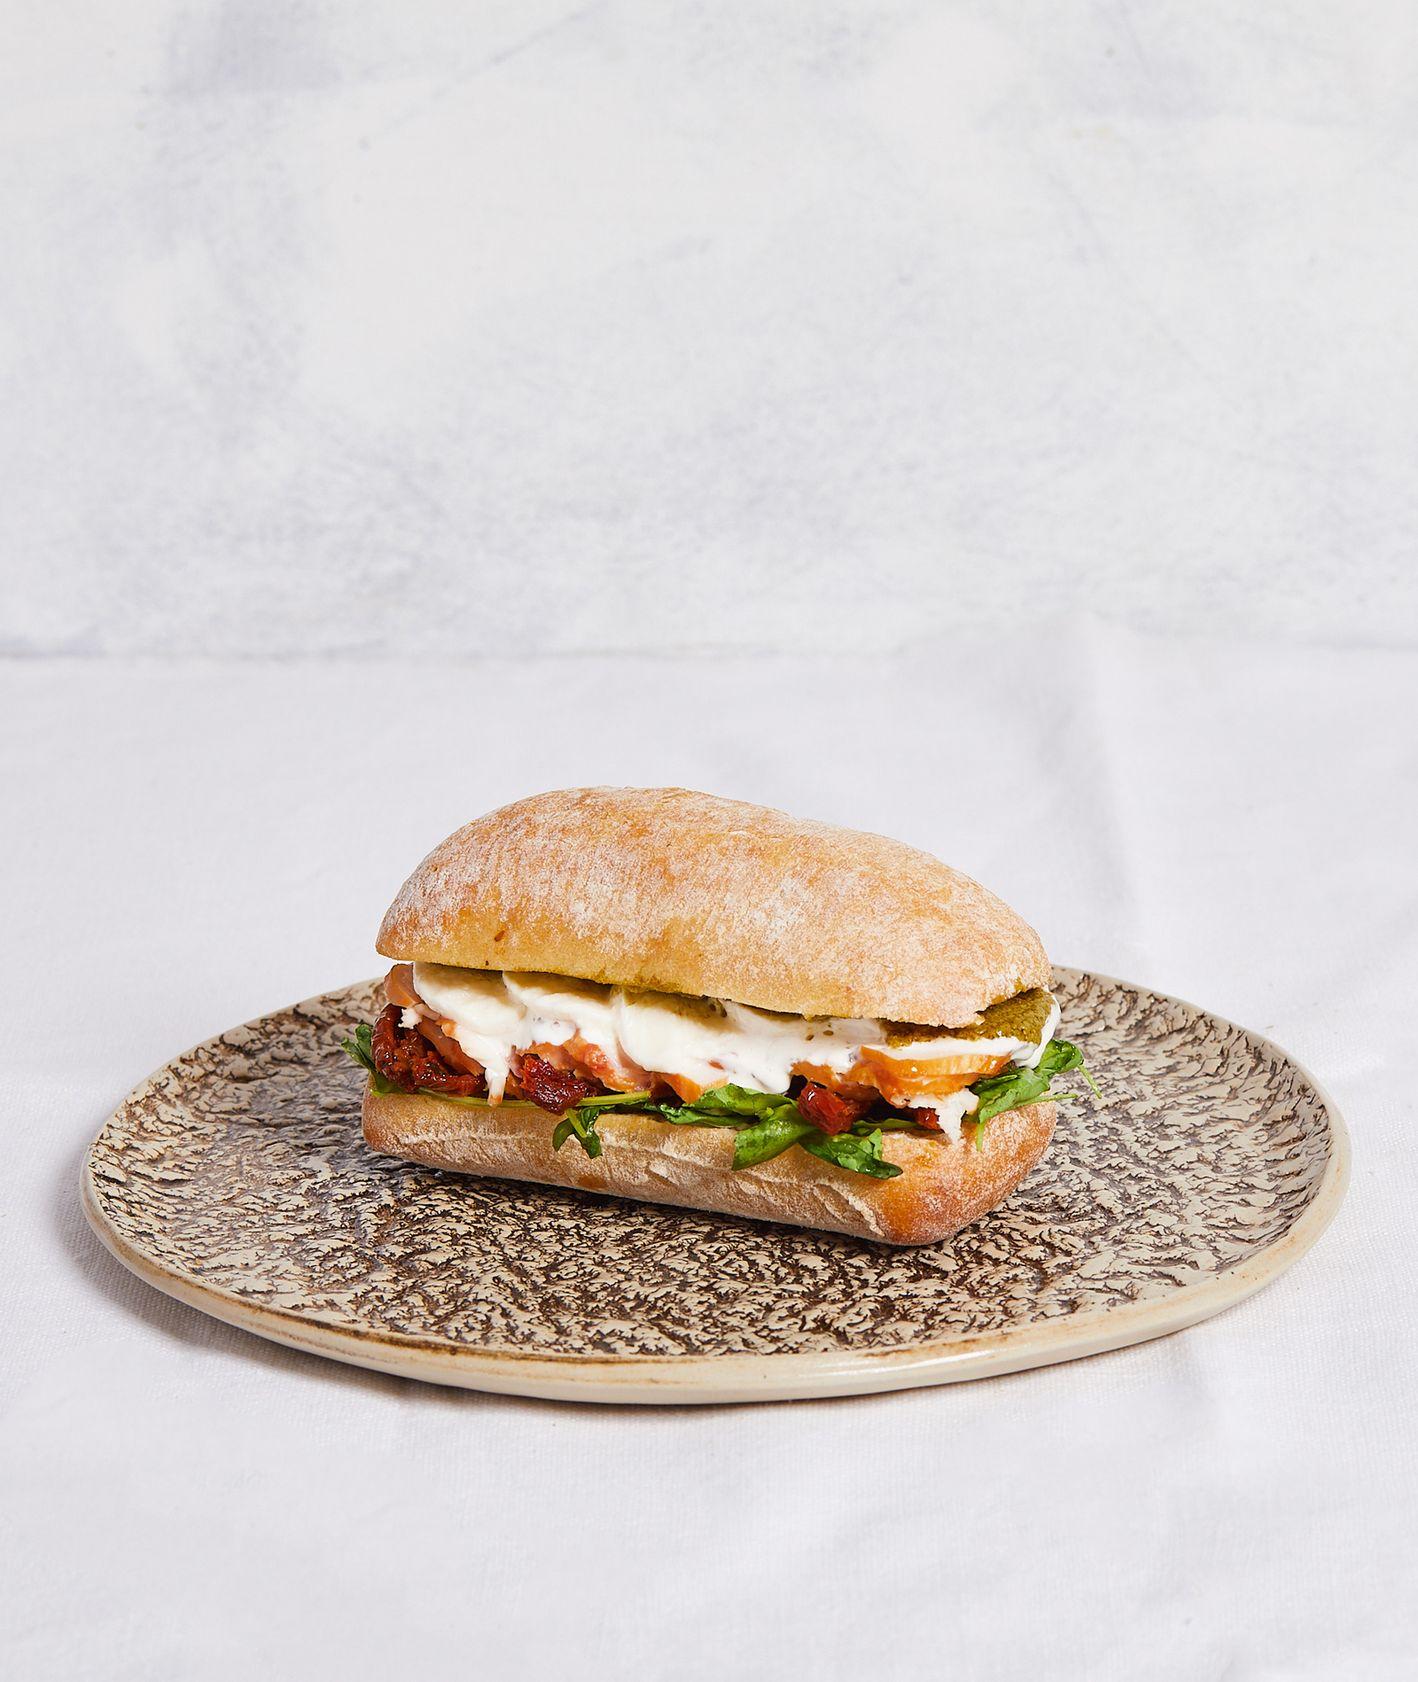 Sycący przepis na śniadaniową kanapkę we włoskim stylu – ciabatta z kurczakiem, pomidorami i pesto (fot. Maciek Niemojewski)